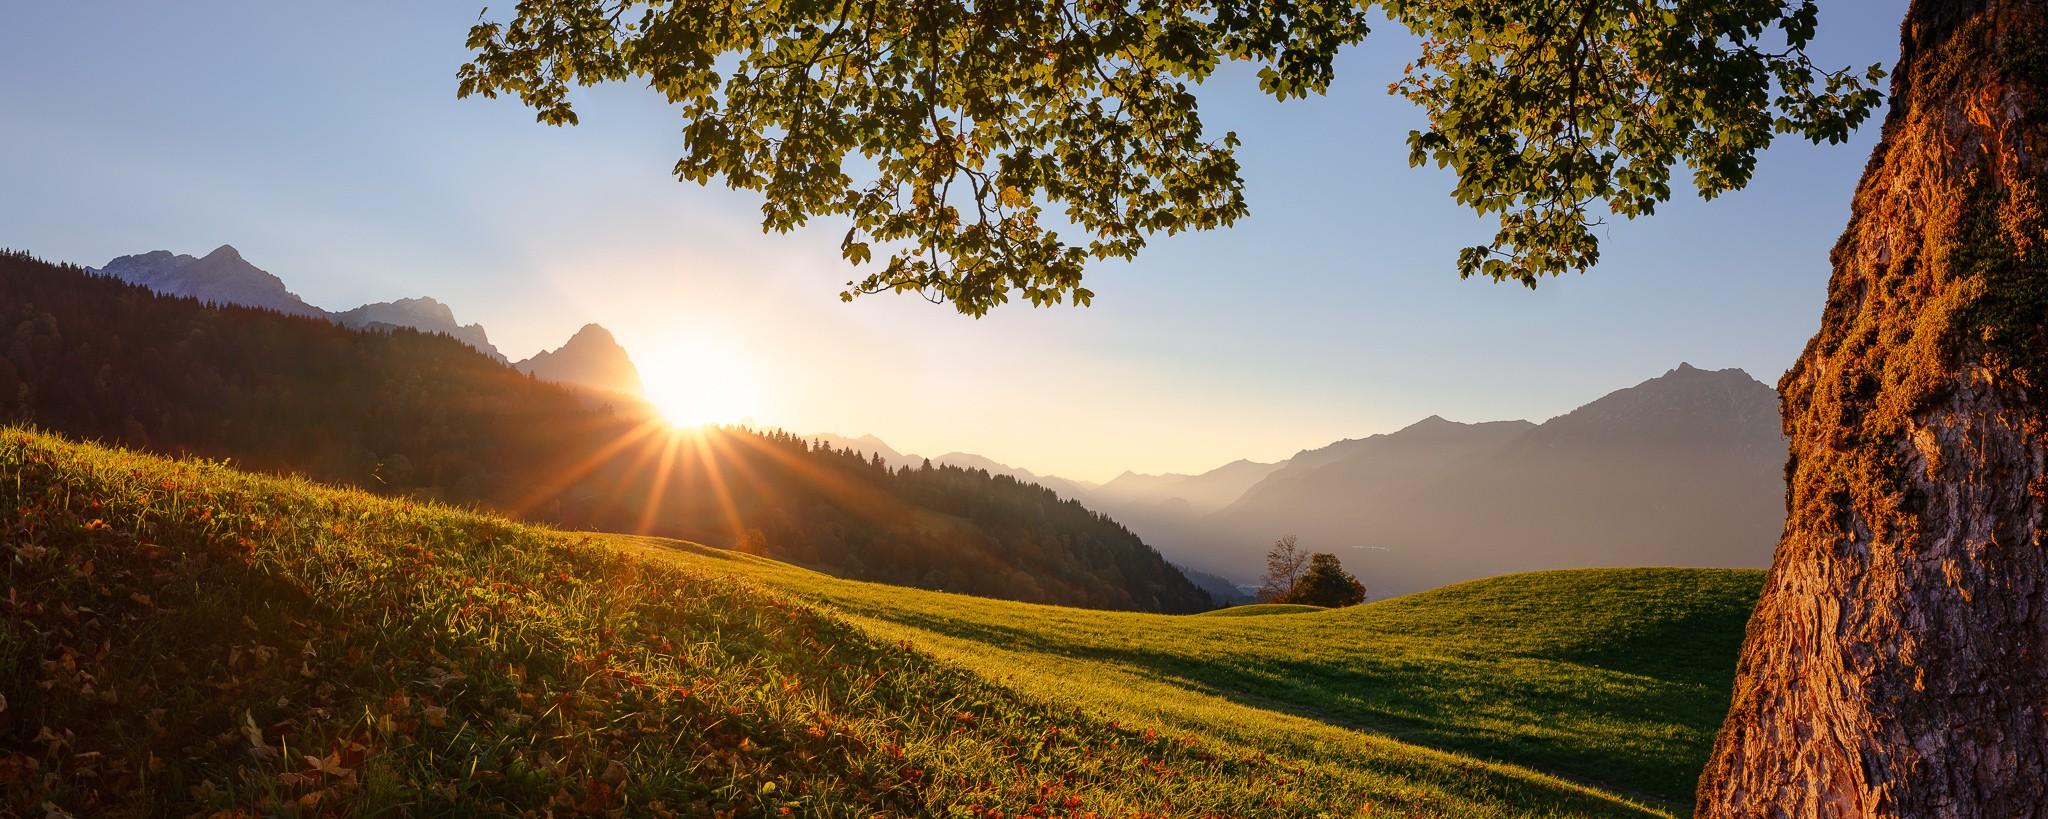 Wamberg, Garmisch-Partenkirchen. Berglandschaft - Panoramablick von Wamberg auf das Garmischer-Partenkirchener Bergpanorama bei Sonnenuntergang am Waxenstein.